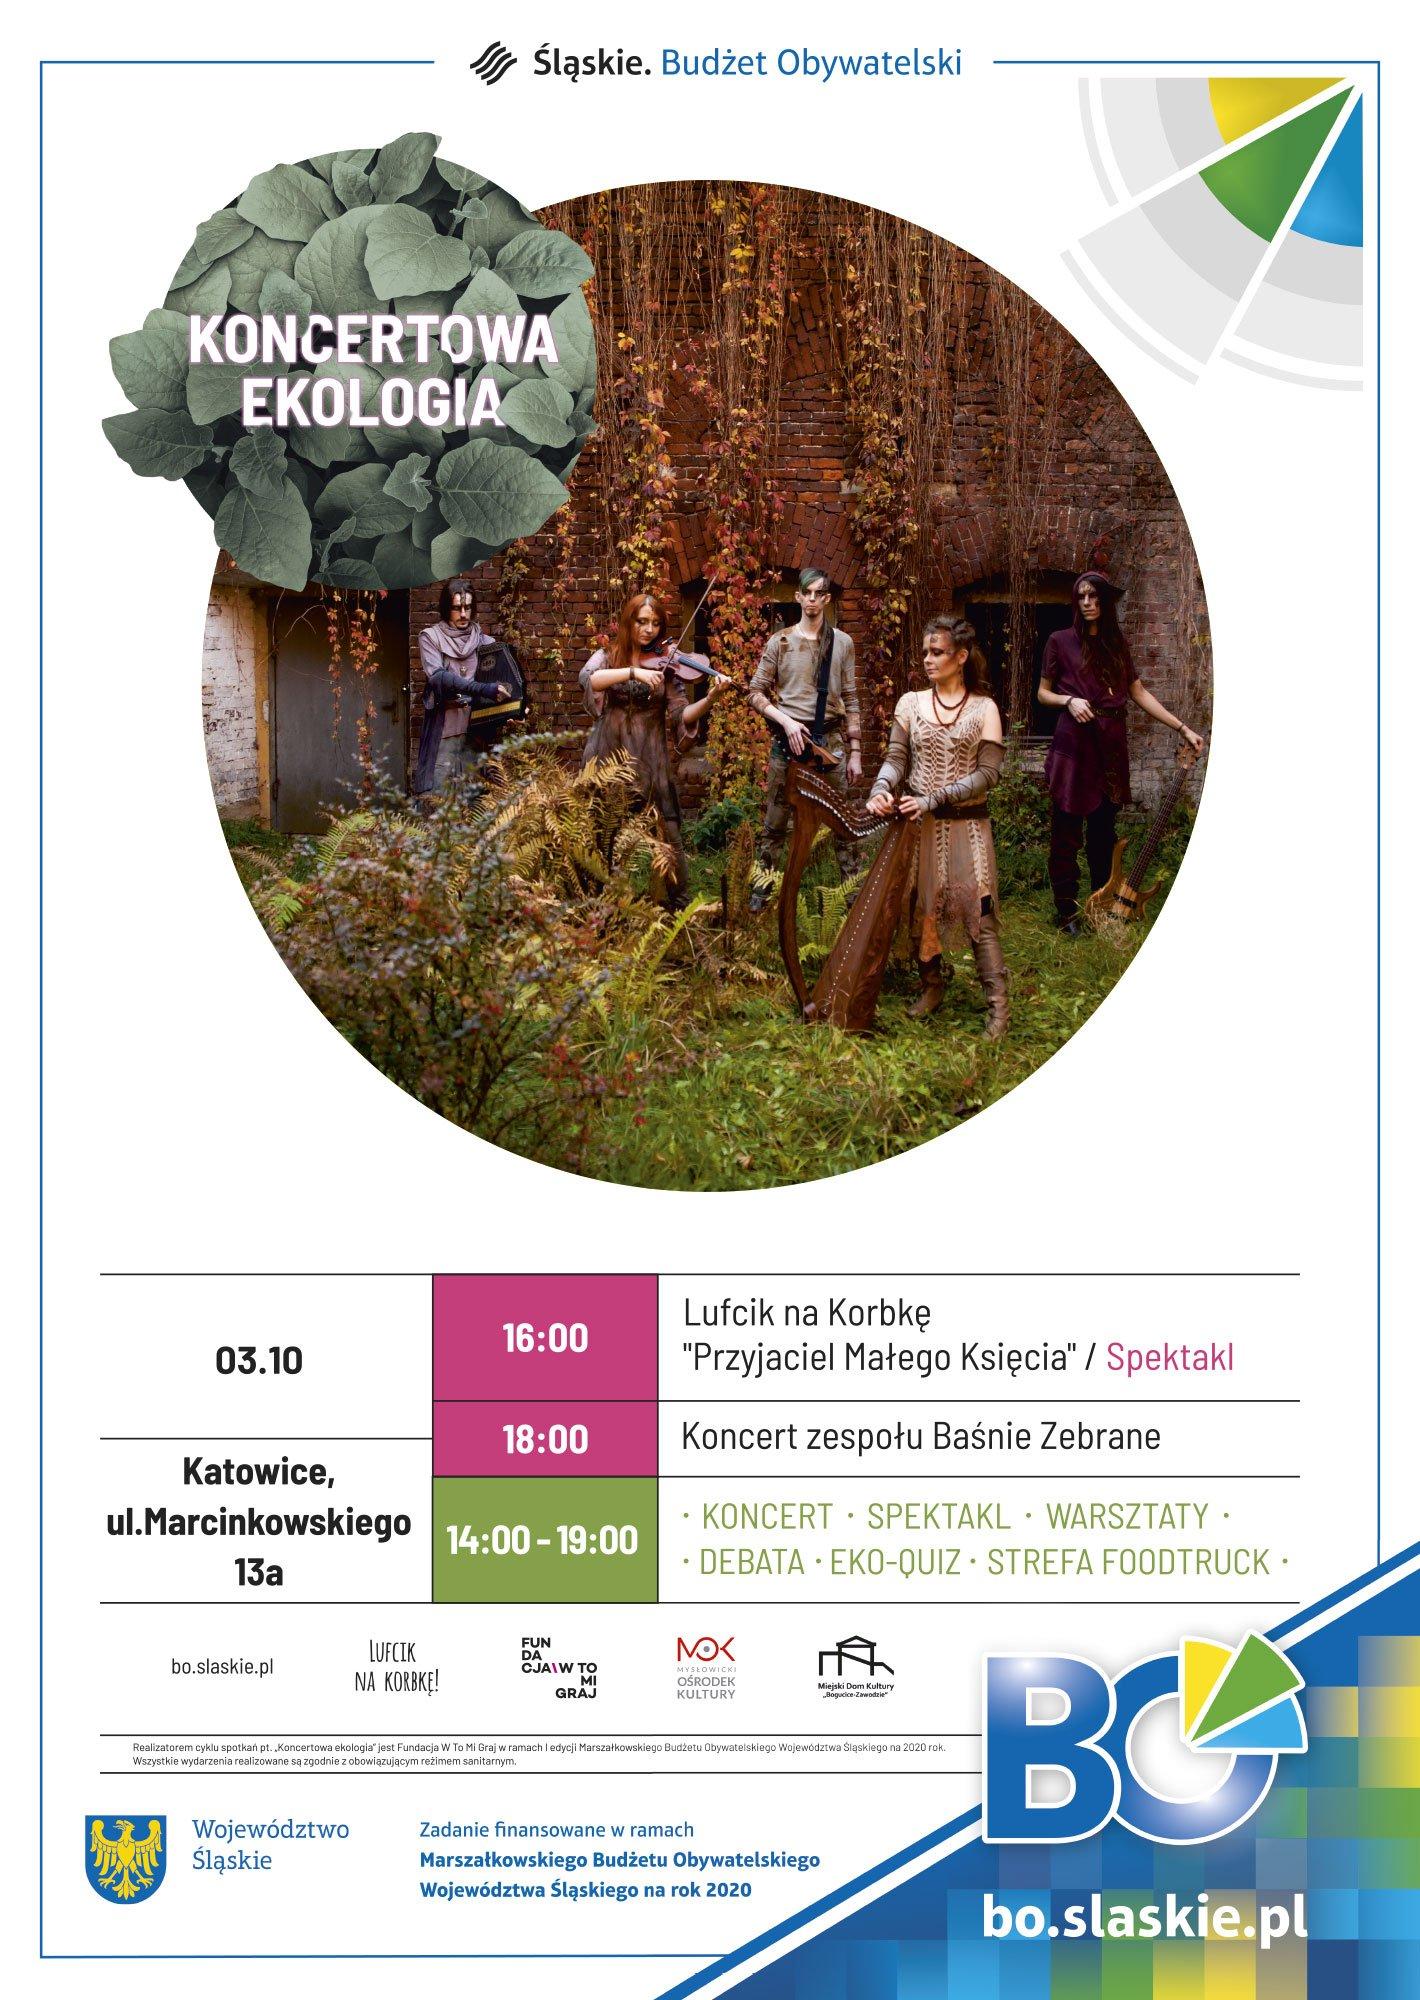 Koncertowa ekologia - z muzyką dla środowiska w Katowicach